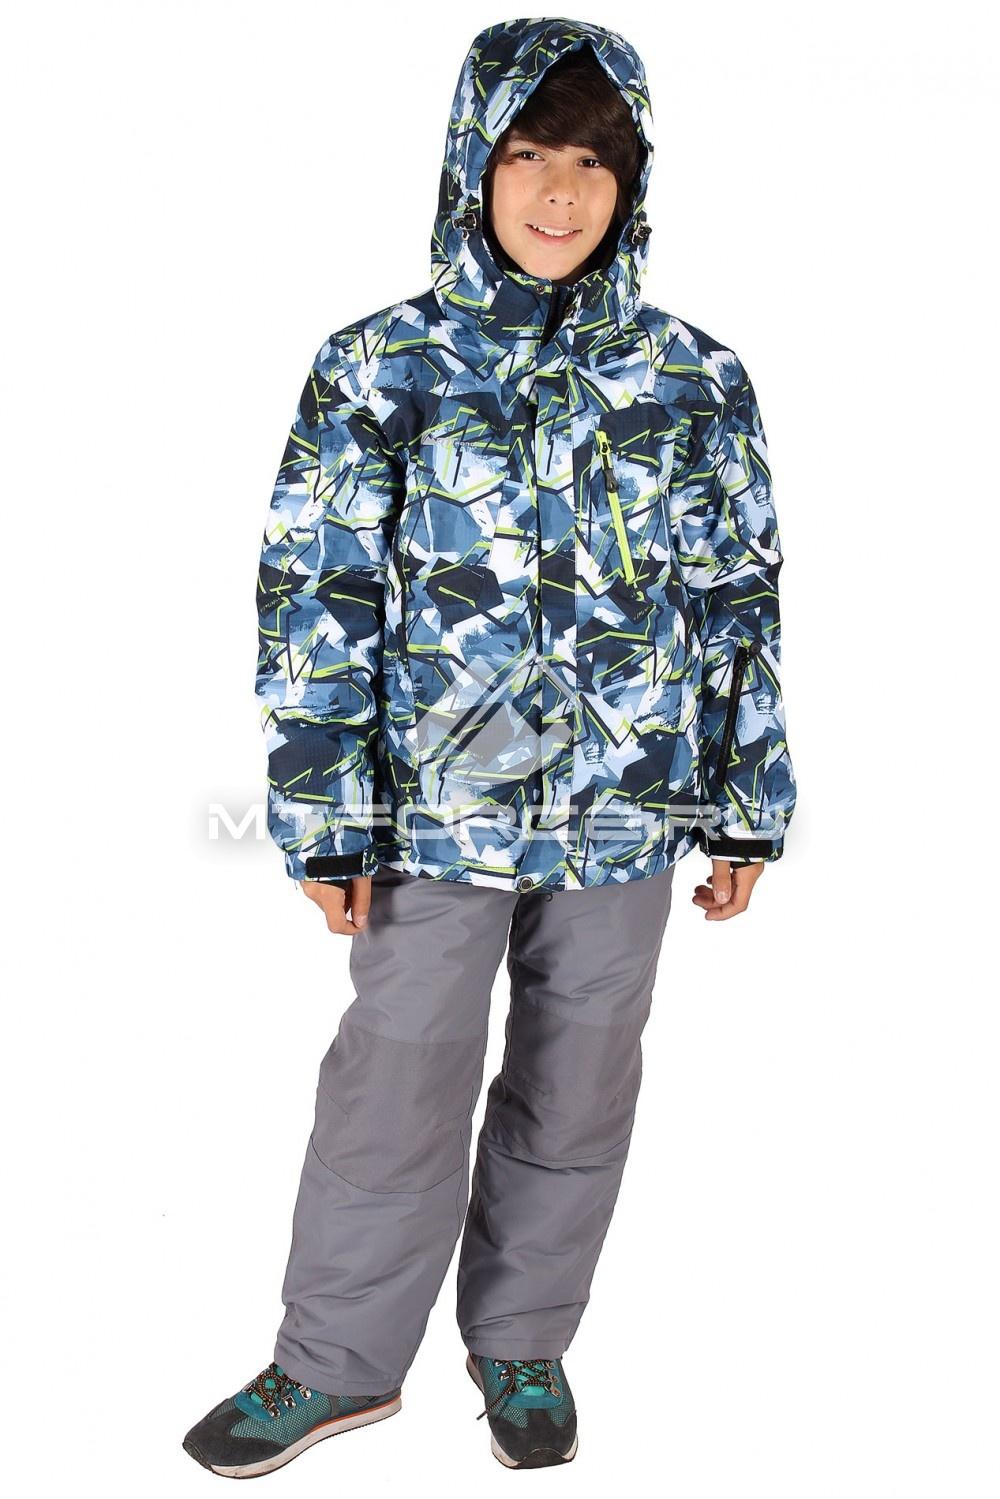 Купить                                  оптом Костюм горнолыжный  для мальчика темно-синего цвета 423TS